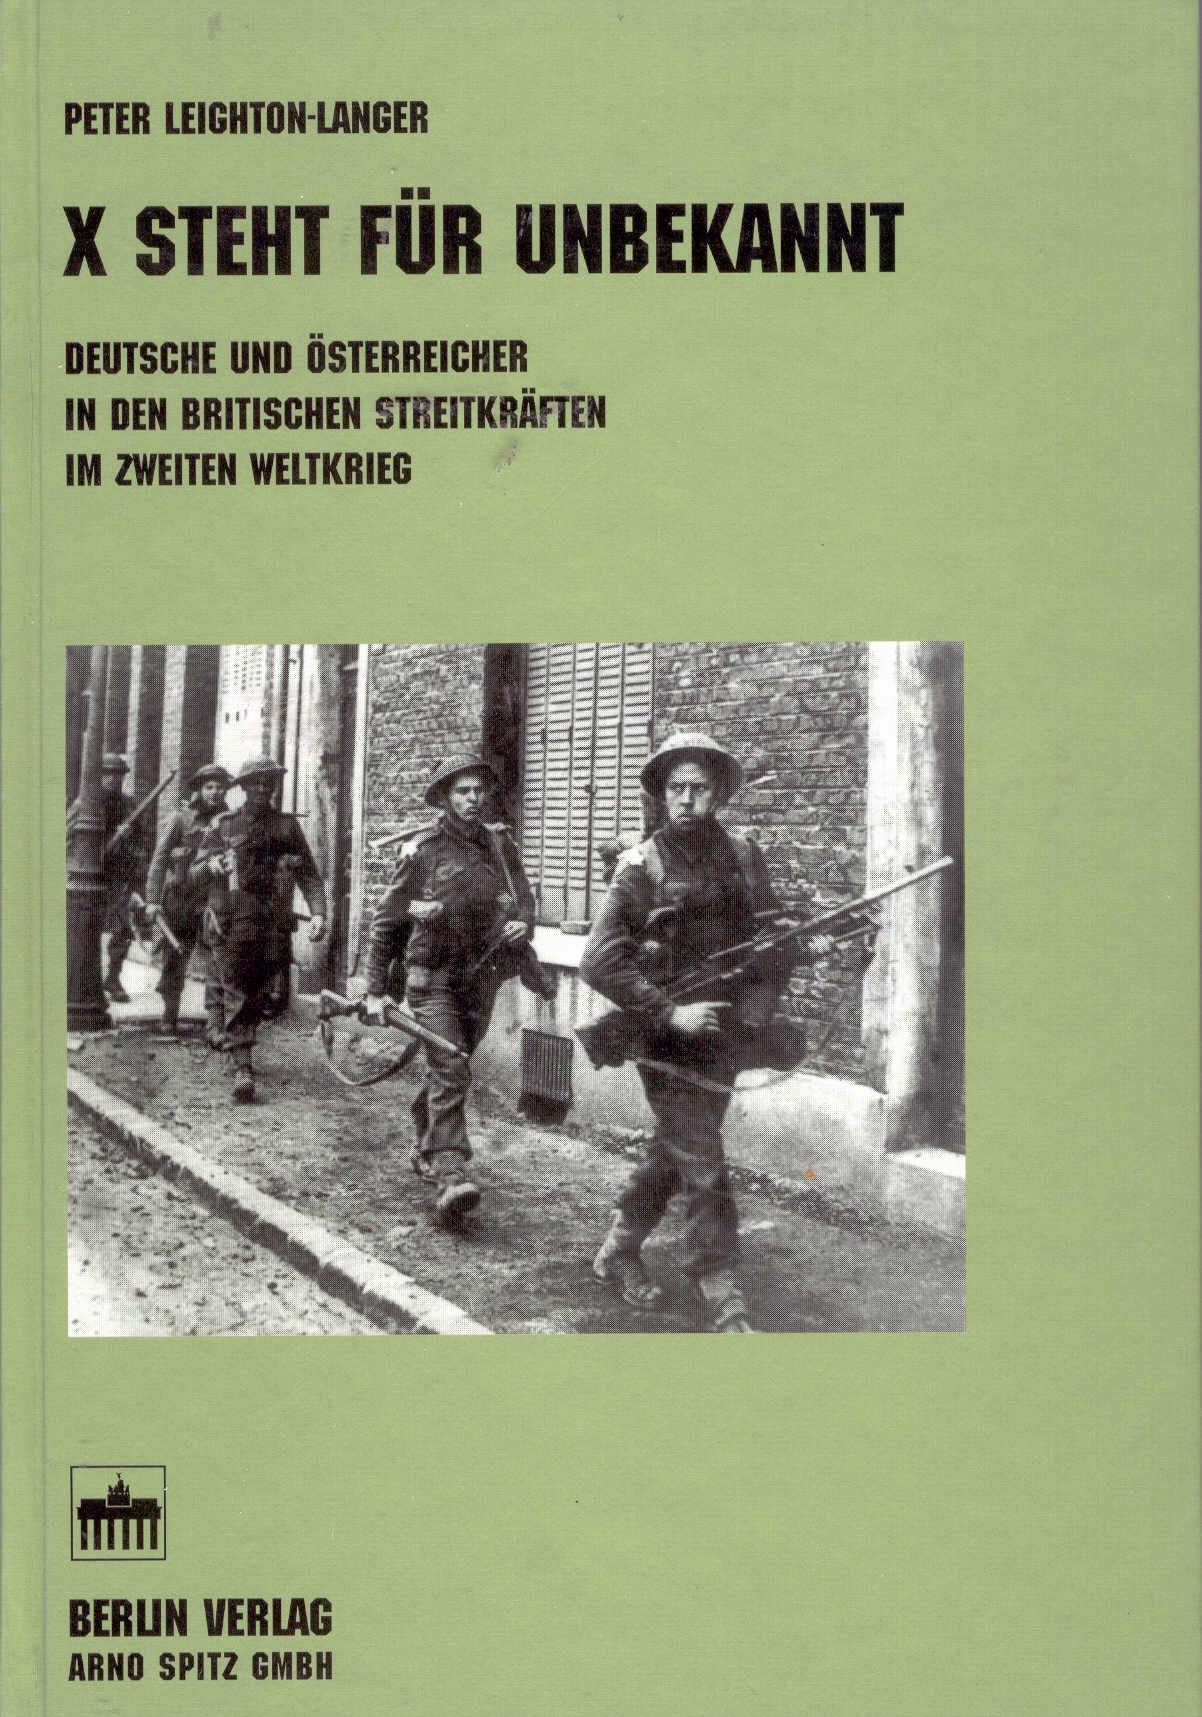 X steht für unbekannt: Deutsche und Österreicher in den britischen Streitkräften im Zweiten Weltkrieg